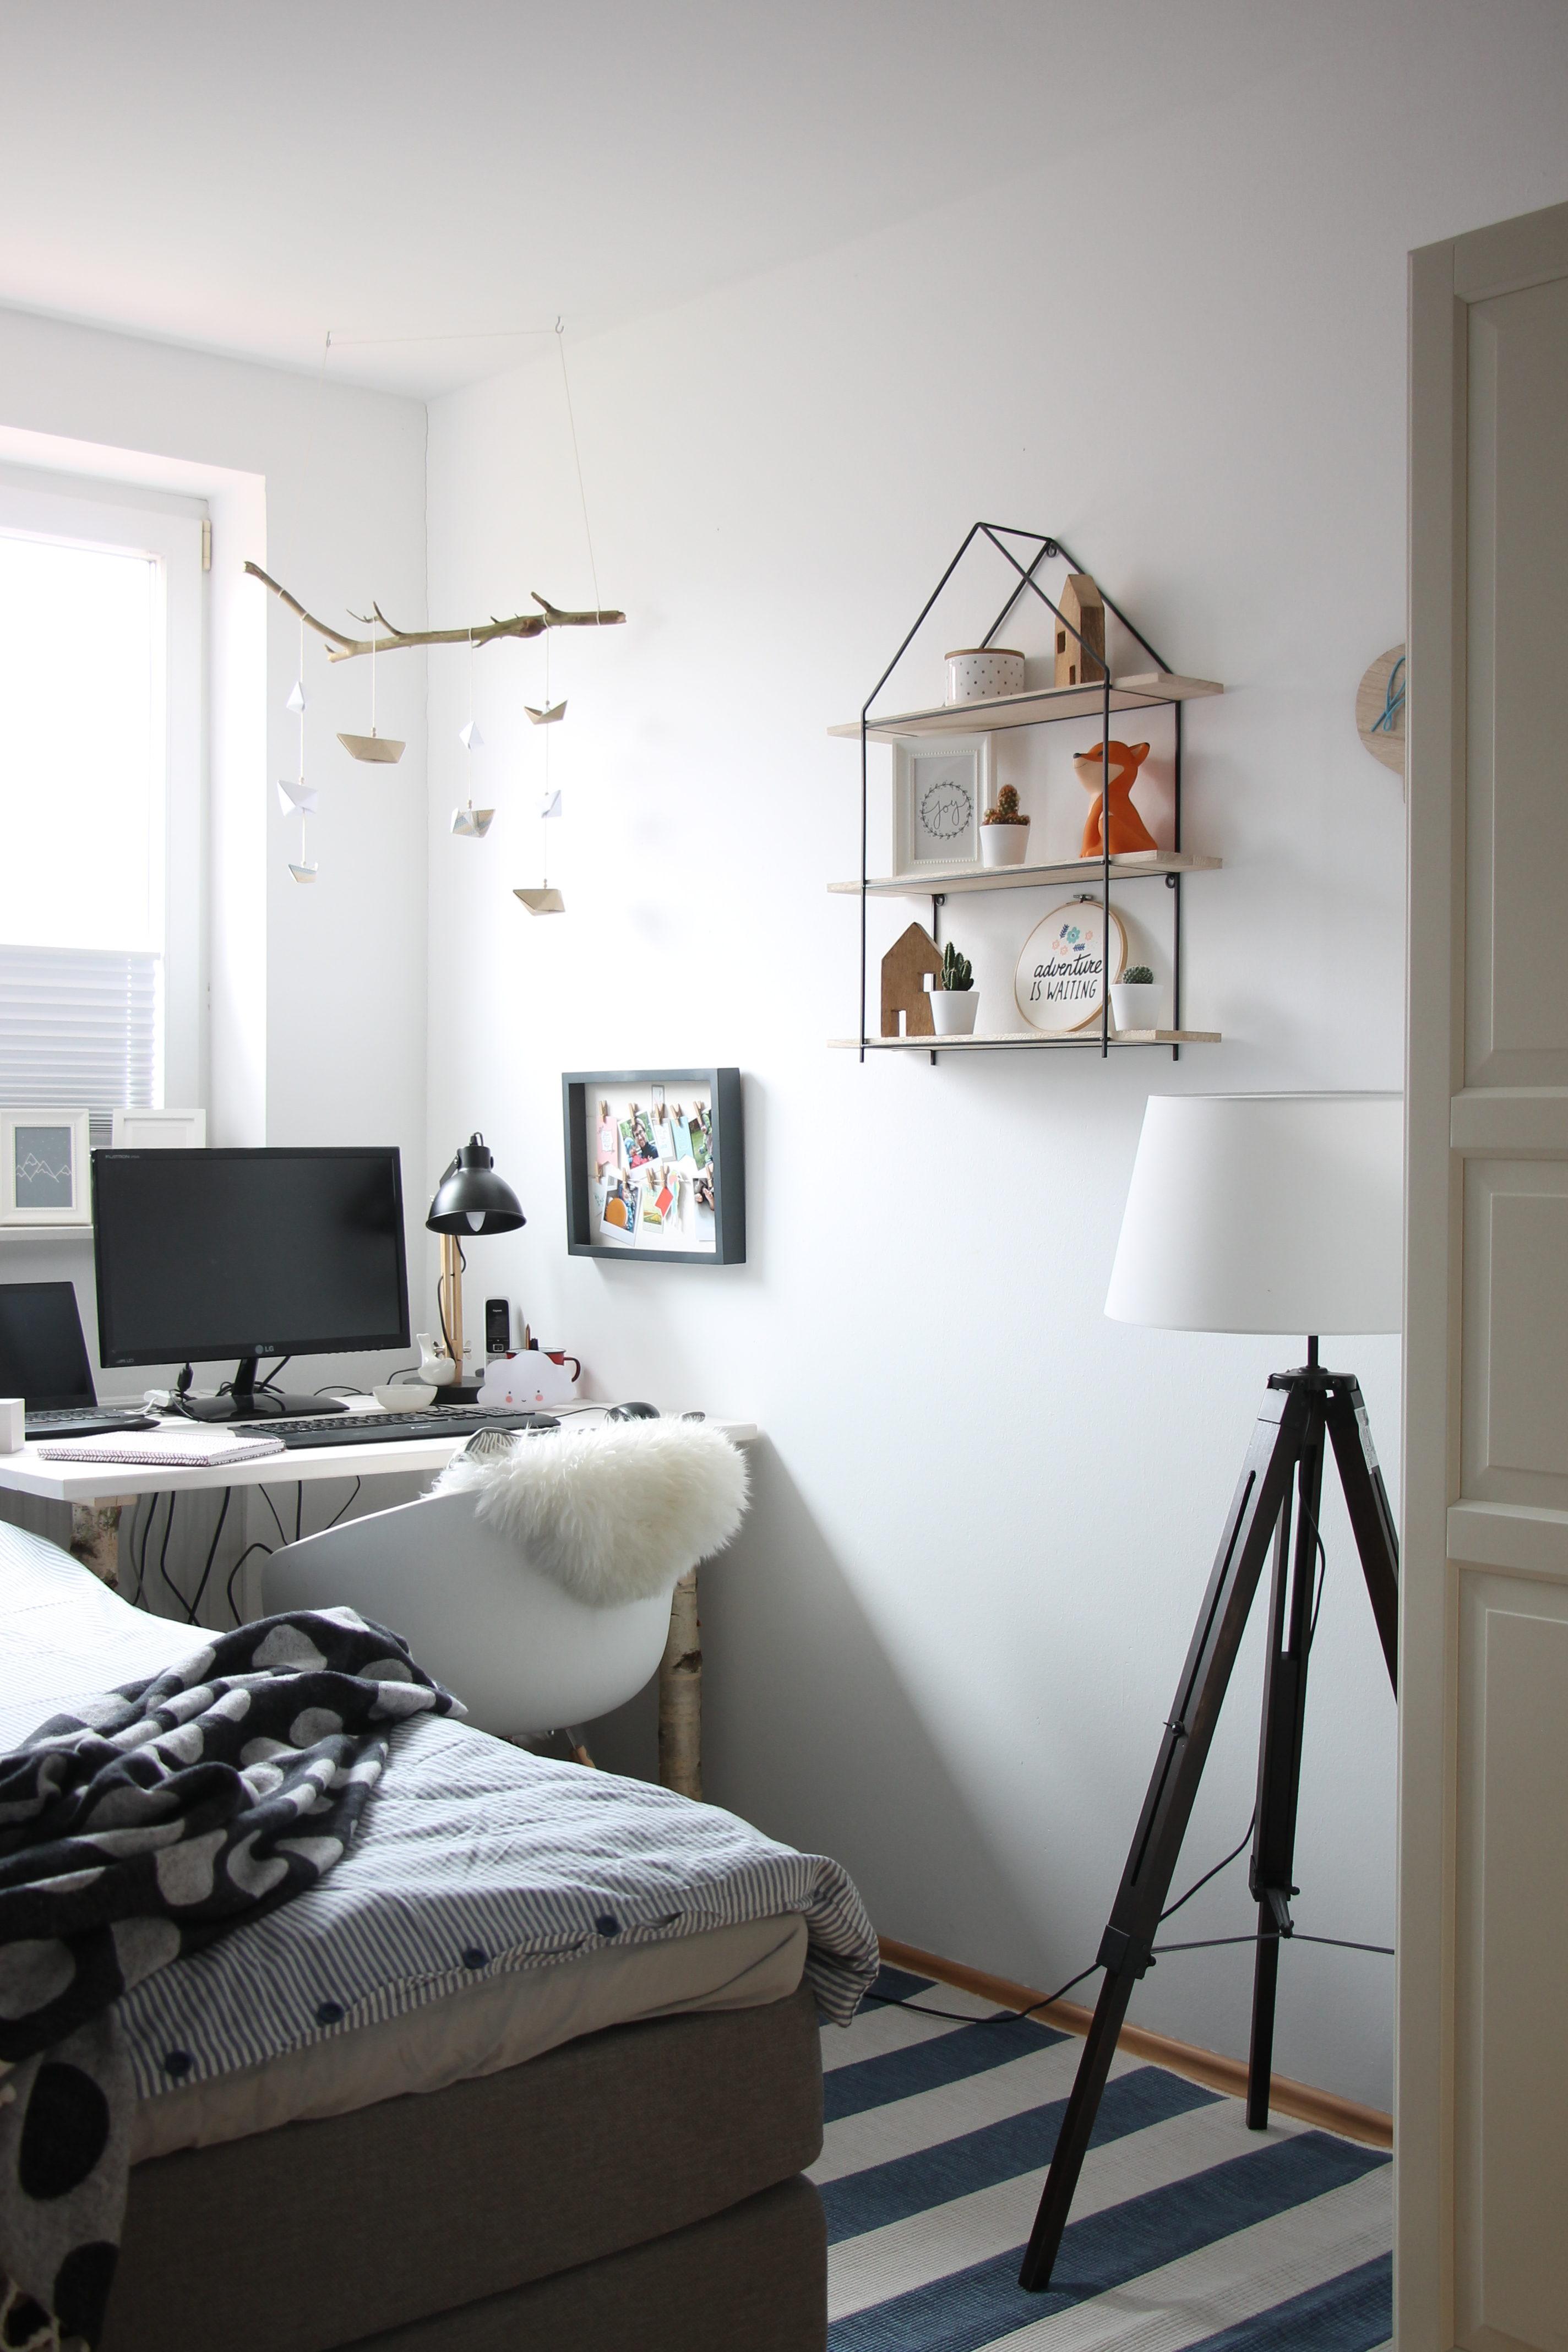 Arbeiten im schlafzimmer ideen otto lavendelblog - Im schlafzimmer ...